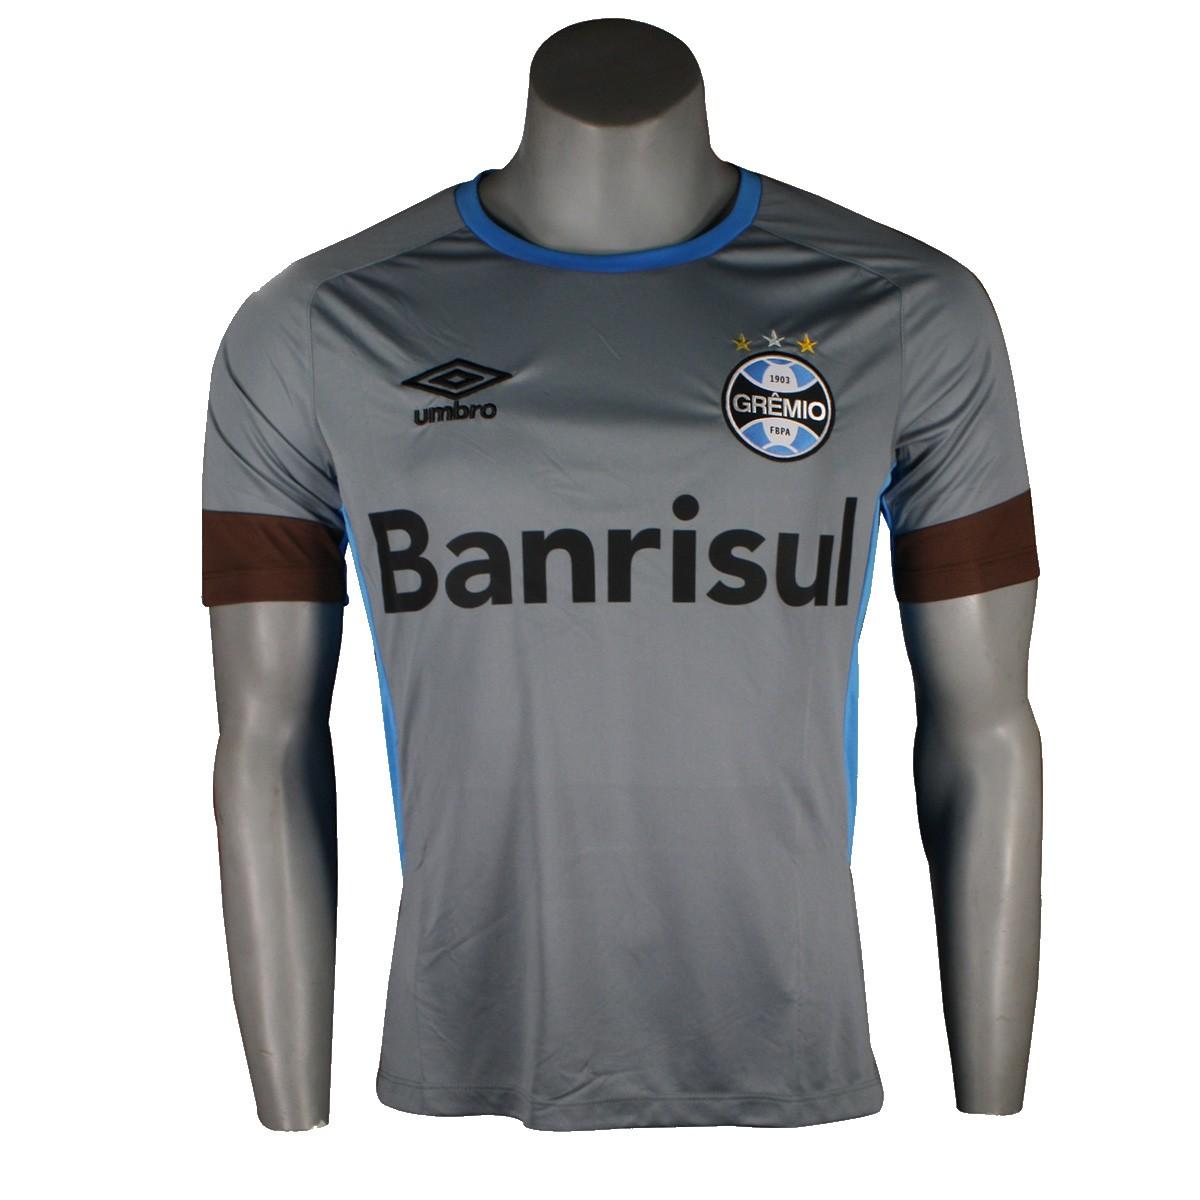 Camiseta Masculina Umbro Grêmio Treino 2016 Sem Número 3G11002 830  Cinza Azul Celeste 604ced60e6bc3